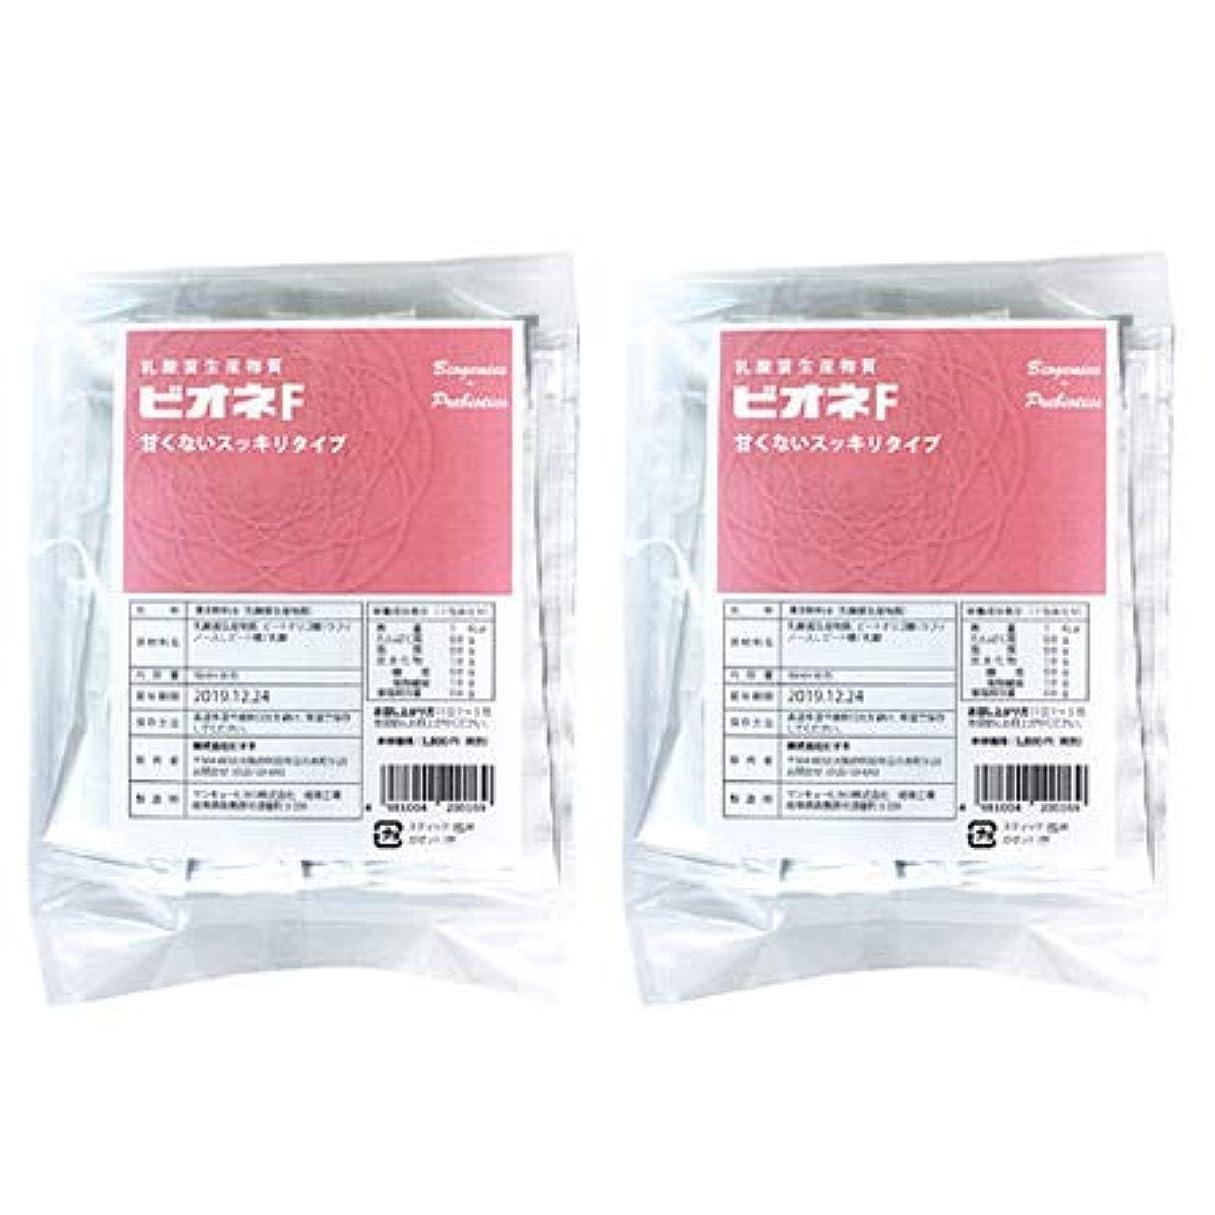 ソケットファウル自伝乳酸菌生産物質「ビオネF(10ml×30包)【2個セット】」